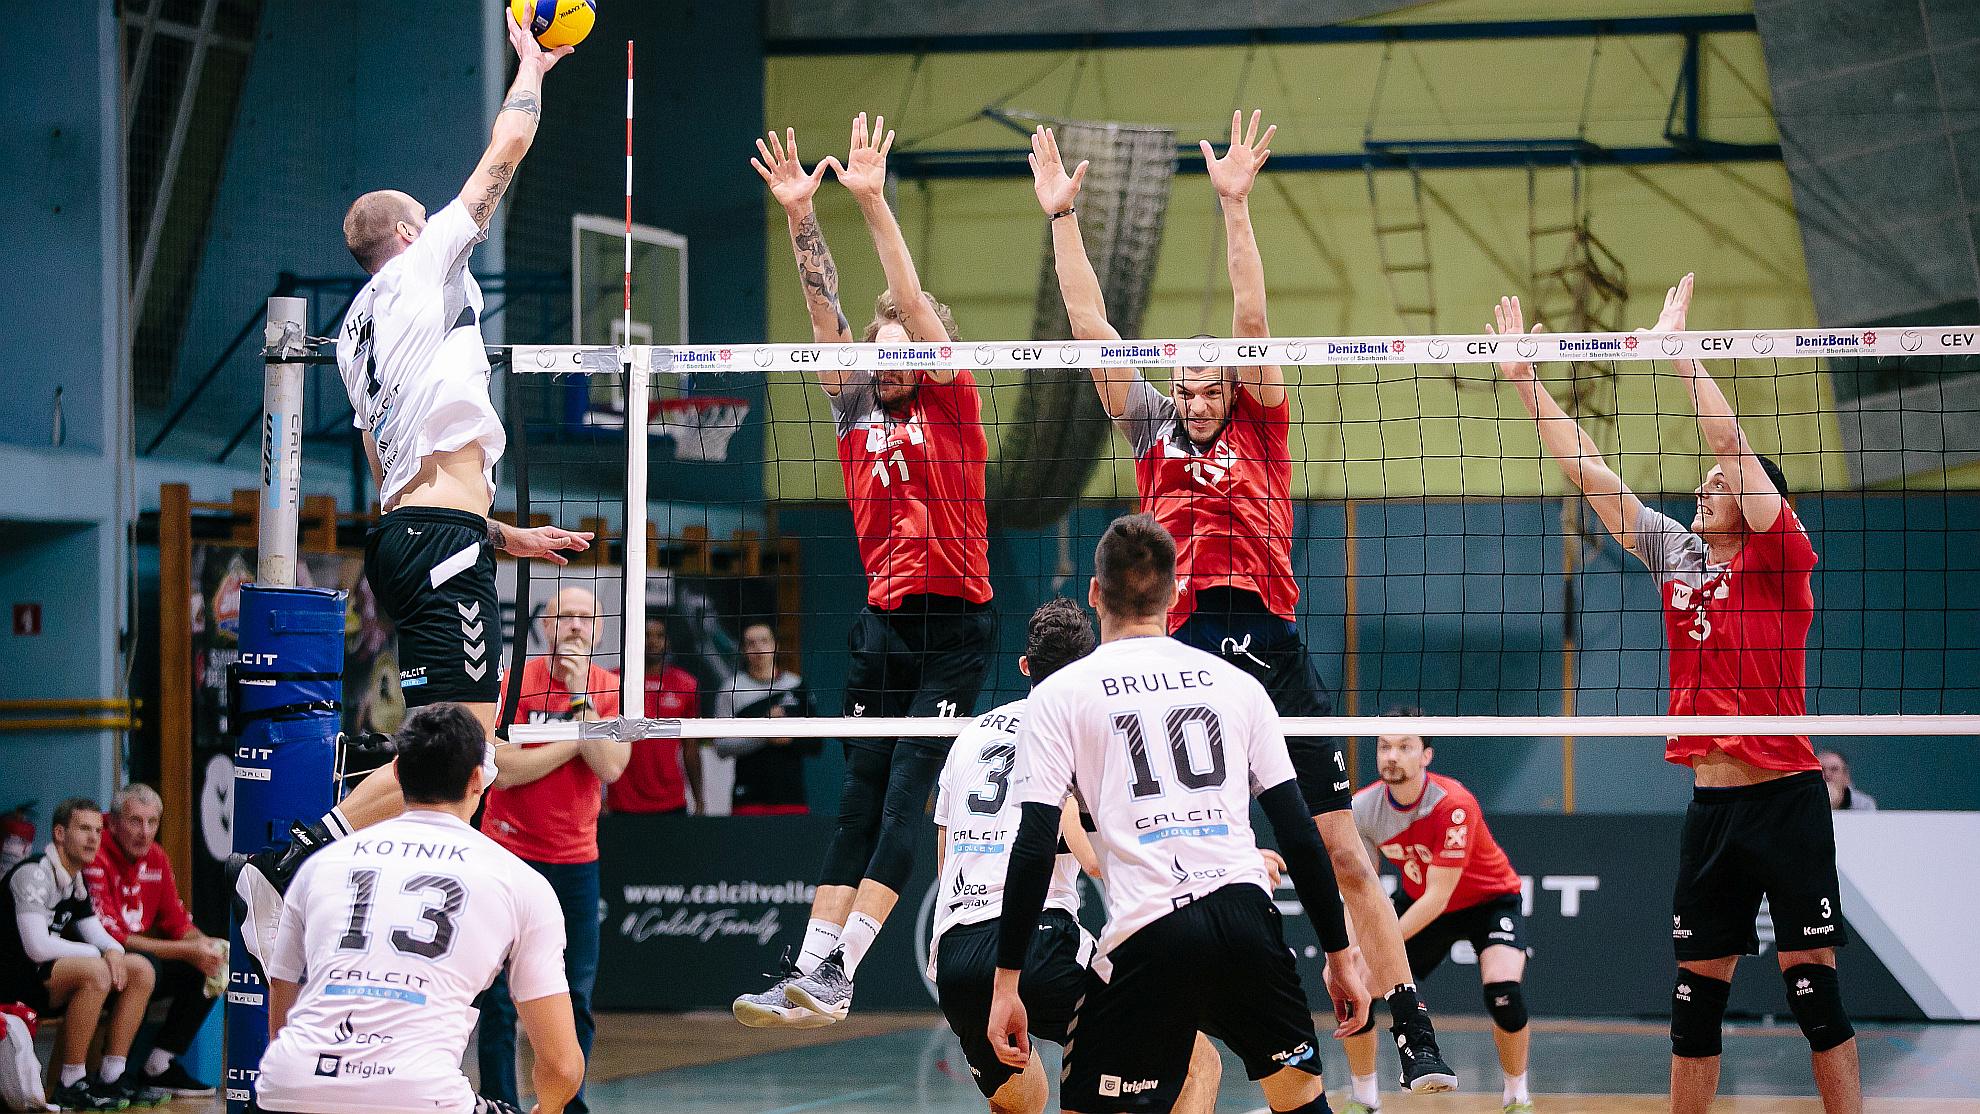 FOTO © Calcit Volley KAMNIK